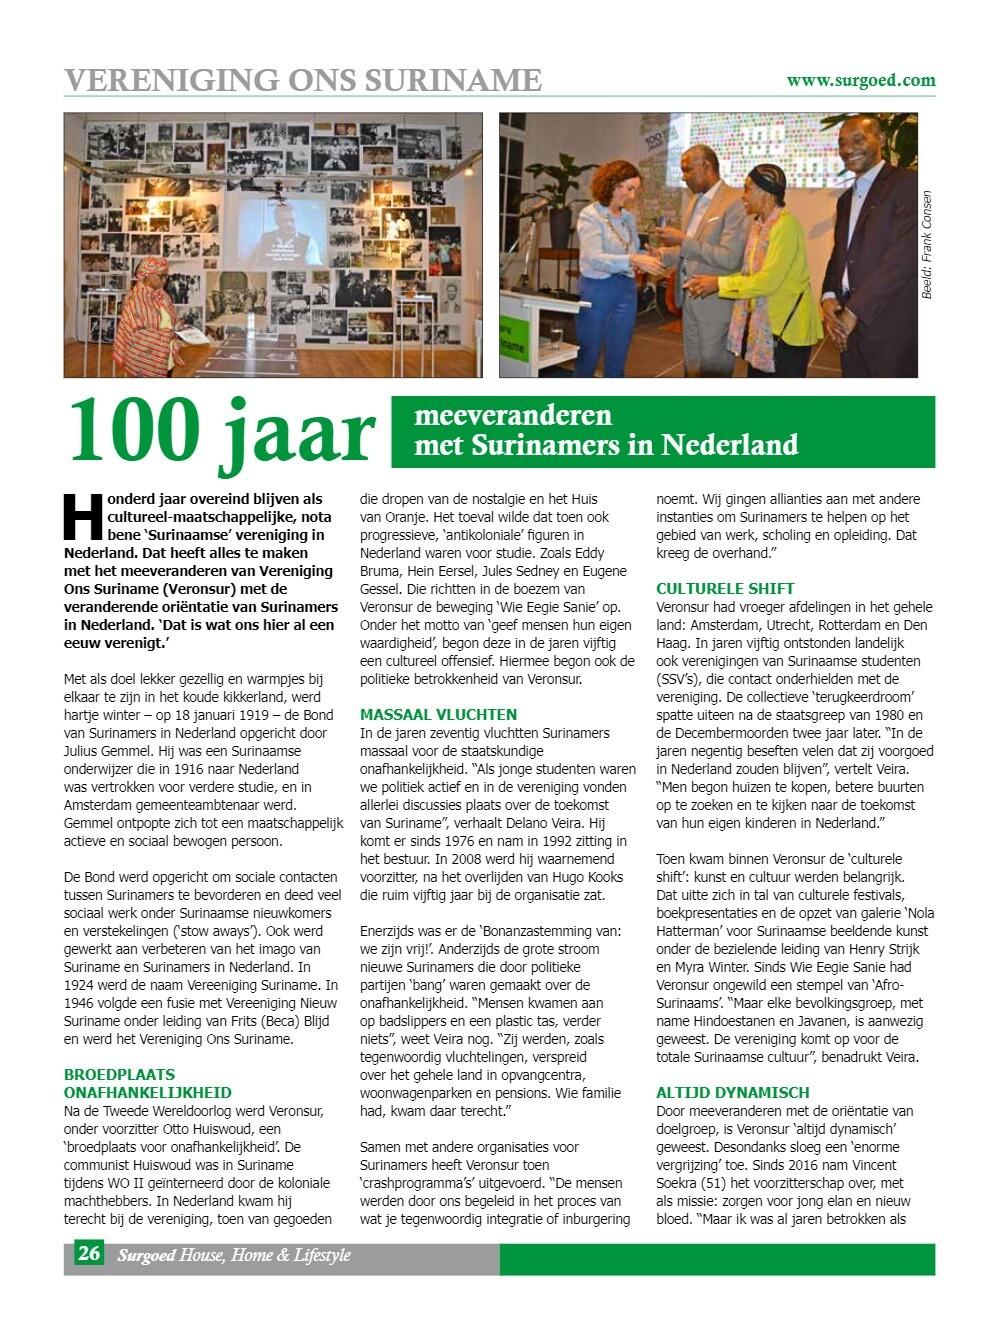 100 jaar meeveranderen met Surinamers in Nederland